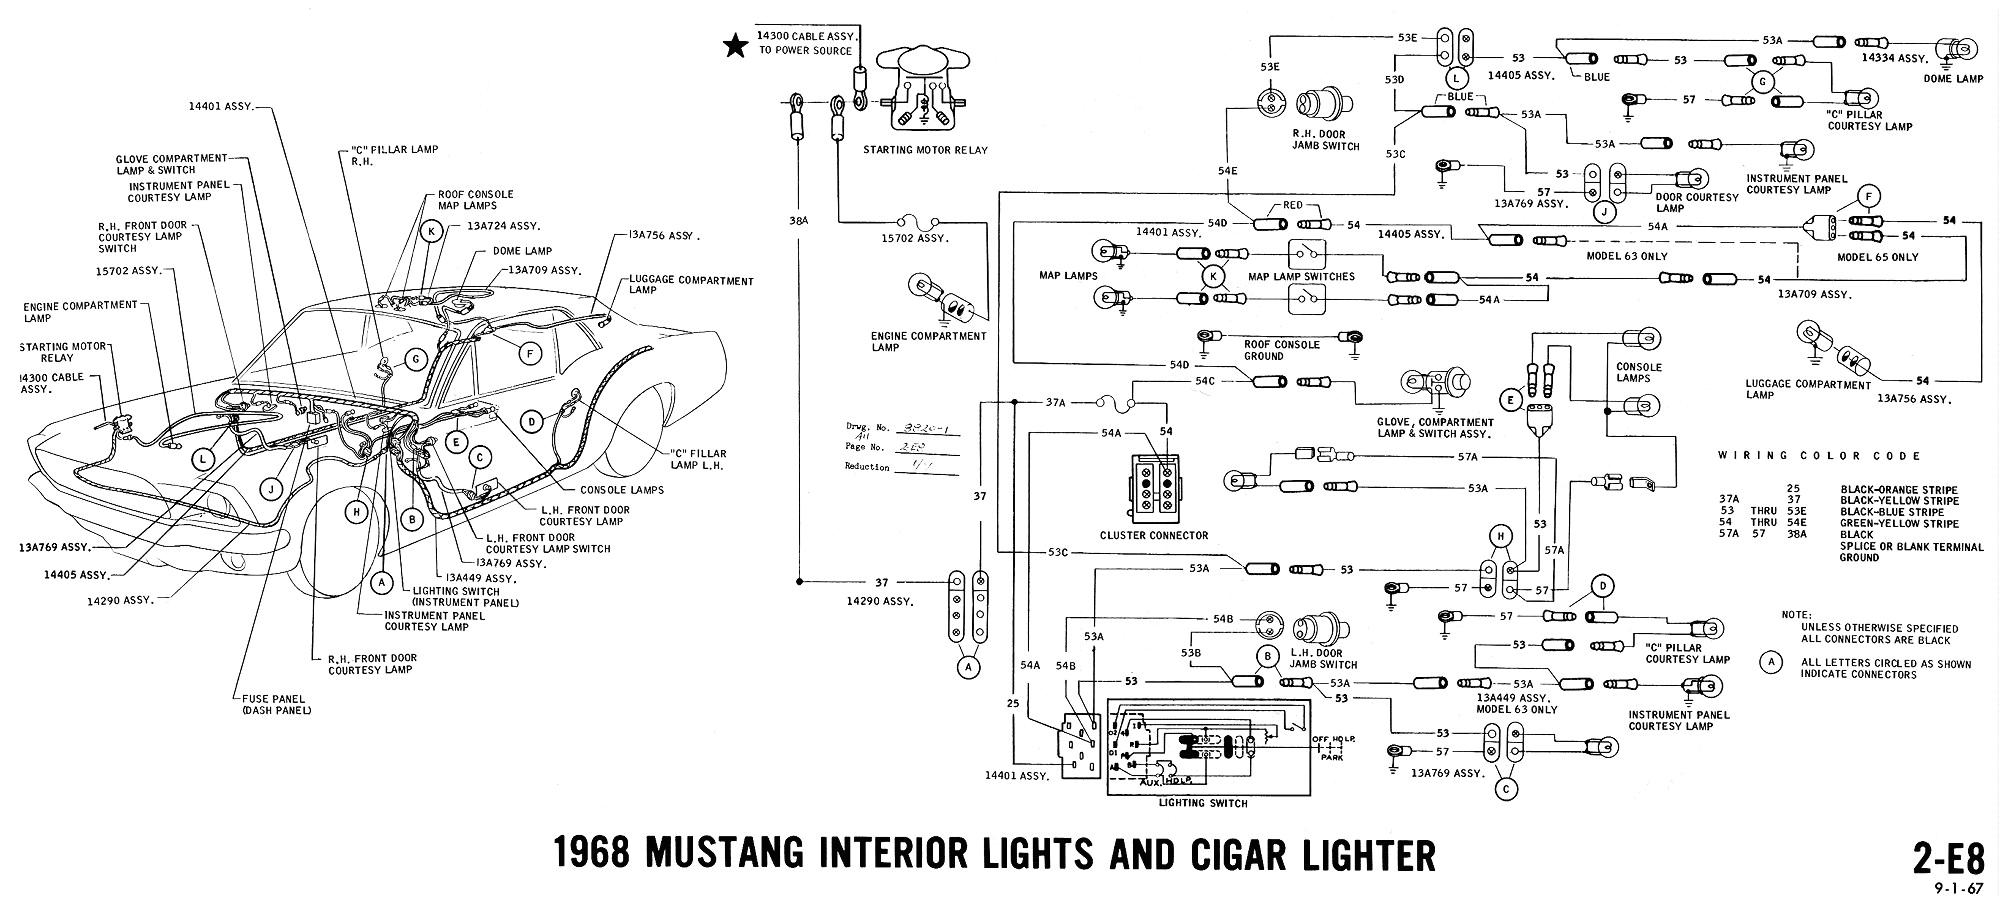 1968 mustang wiring diagram interior lights cigar lighter jpg